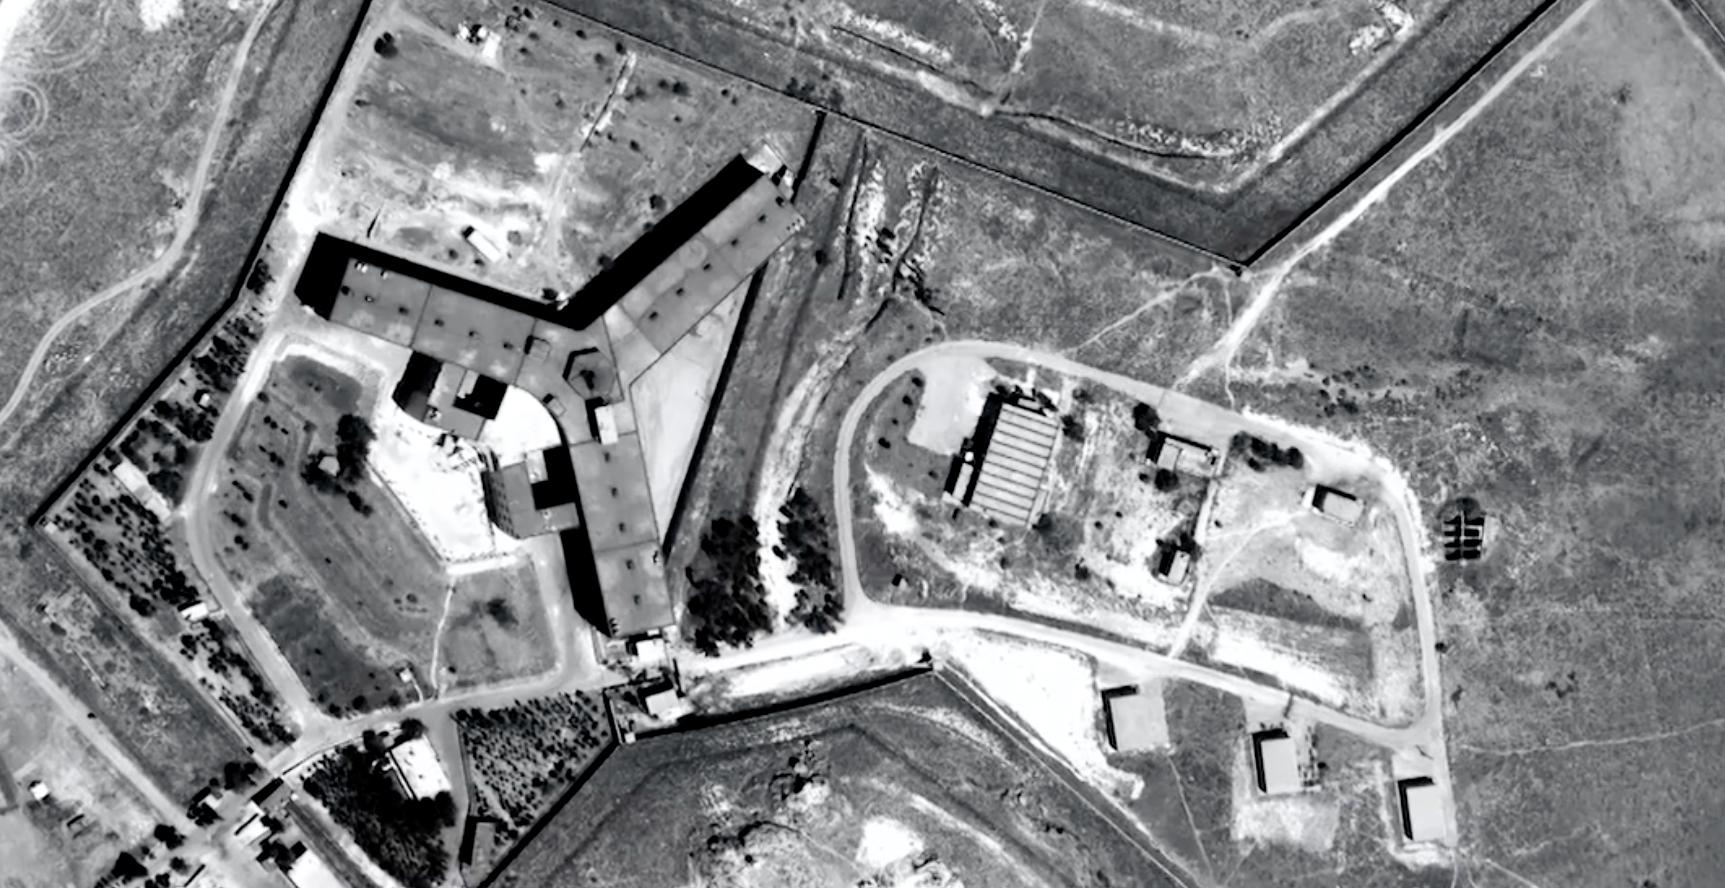 230241_Sadnaya - Syria detentions